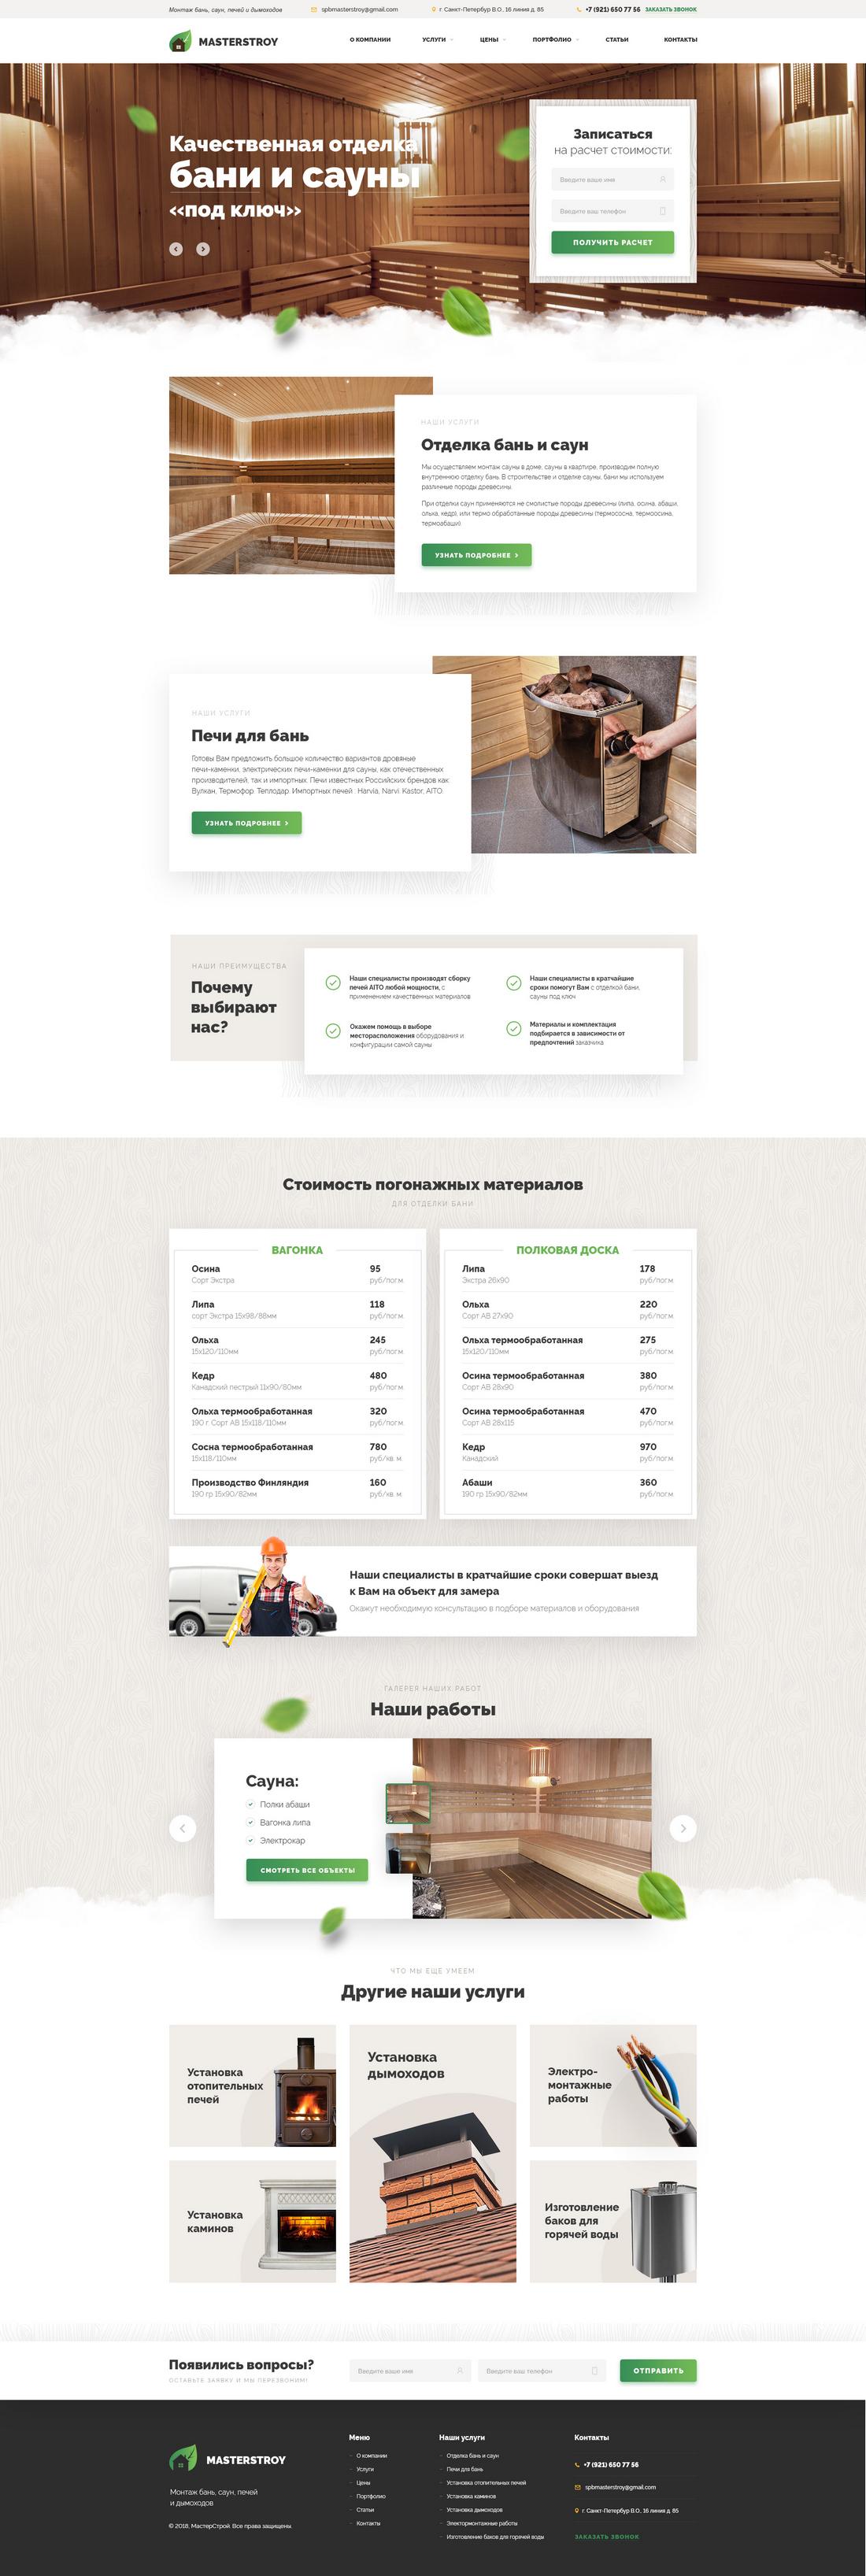 Макет главной страницы для заказчика по монтажу бань и саун